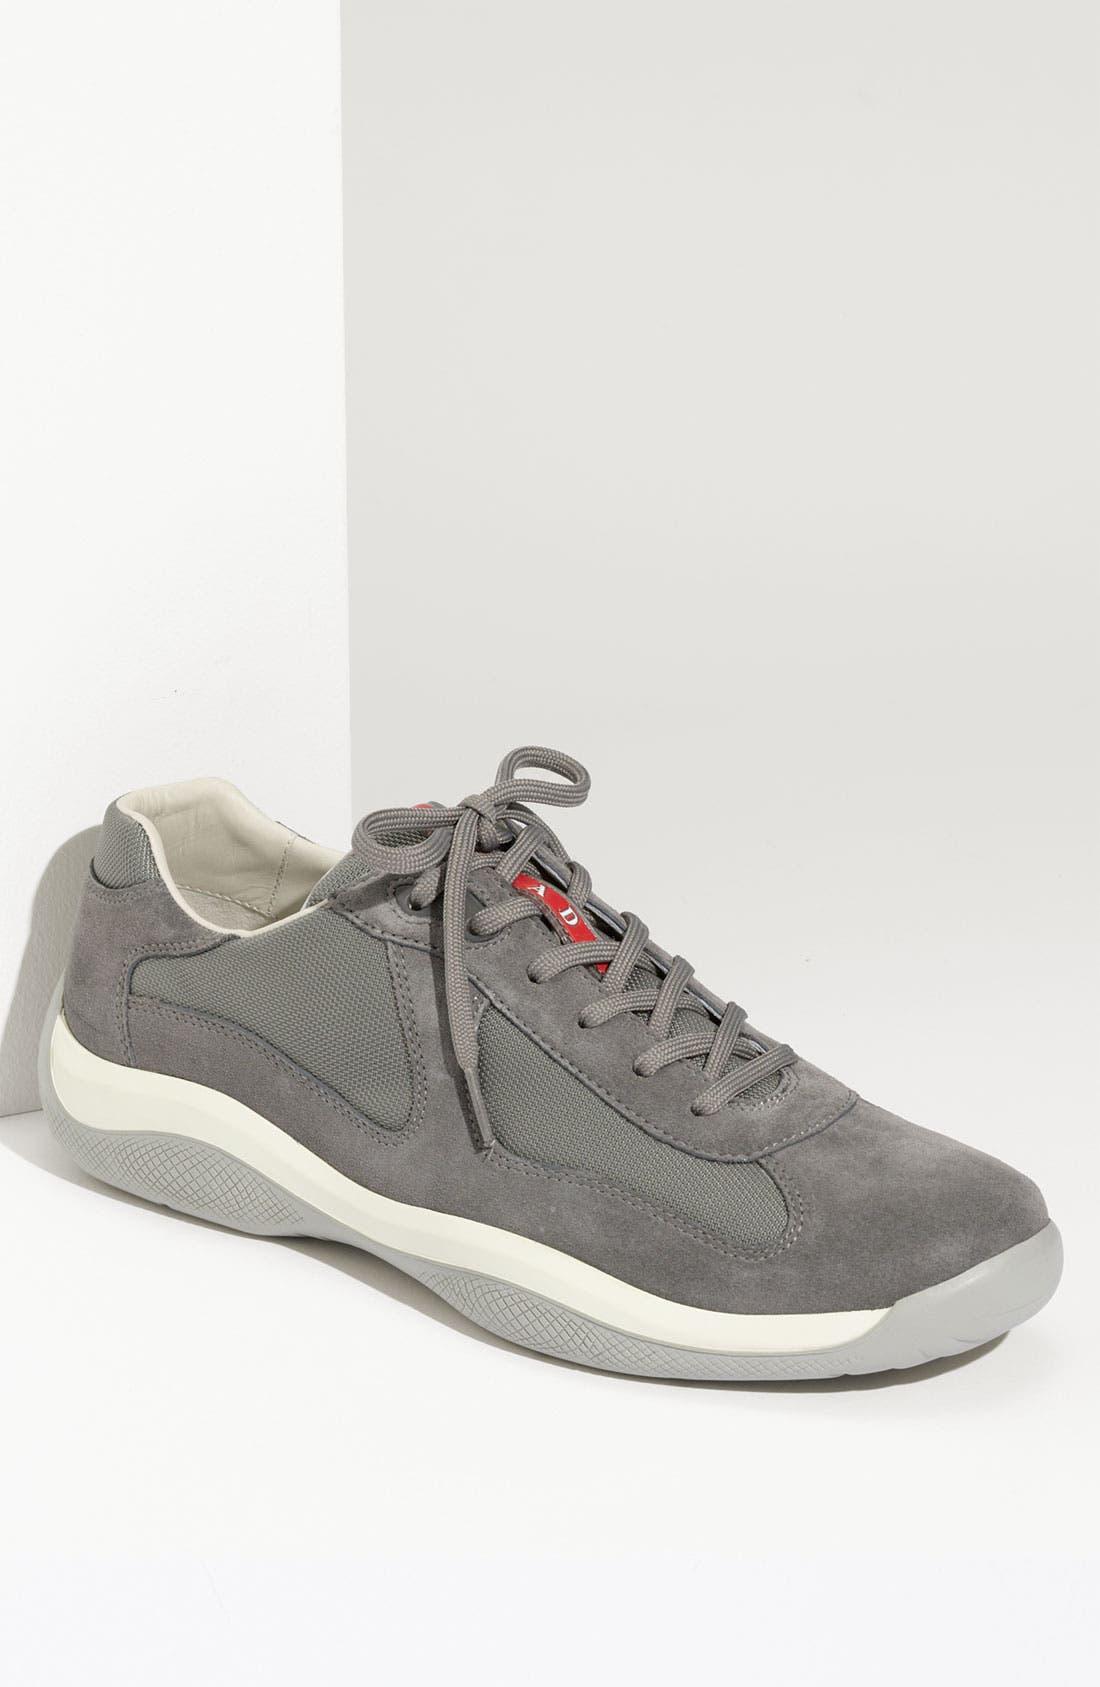 Main Image - Prada 'Punta Ala' Suede Sneaker (Men)